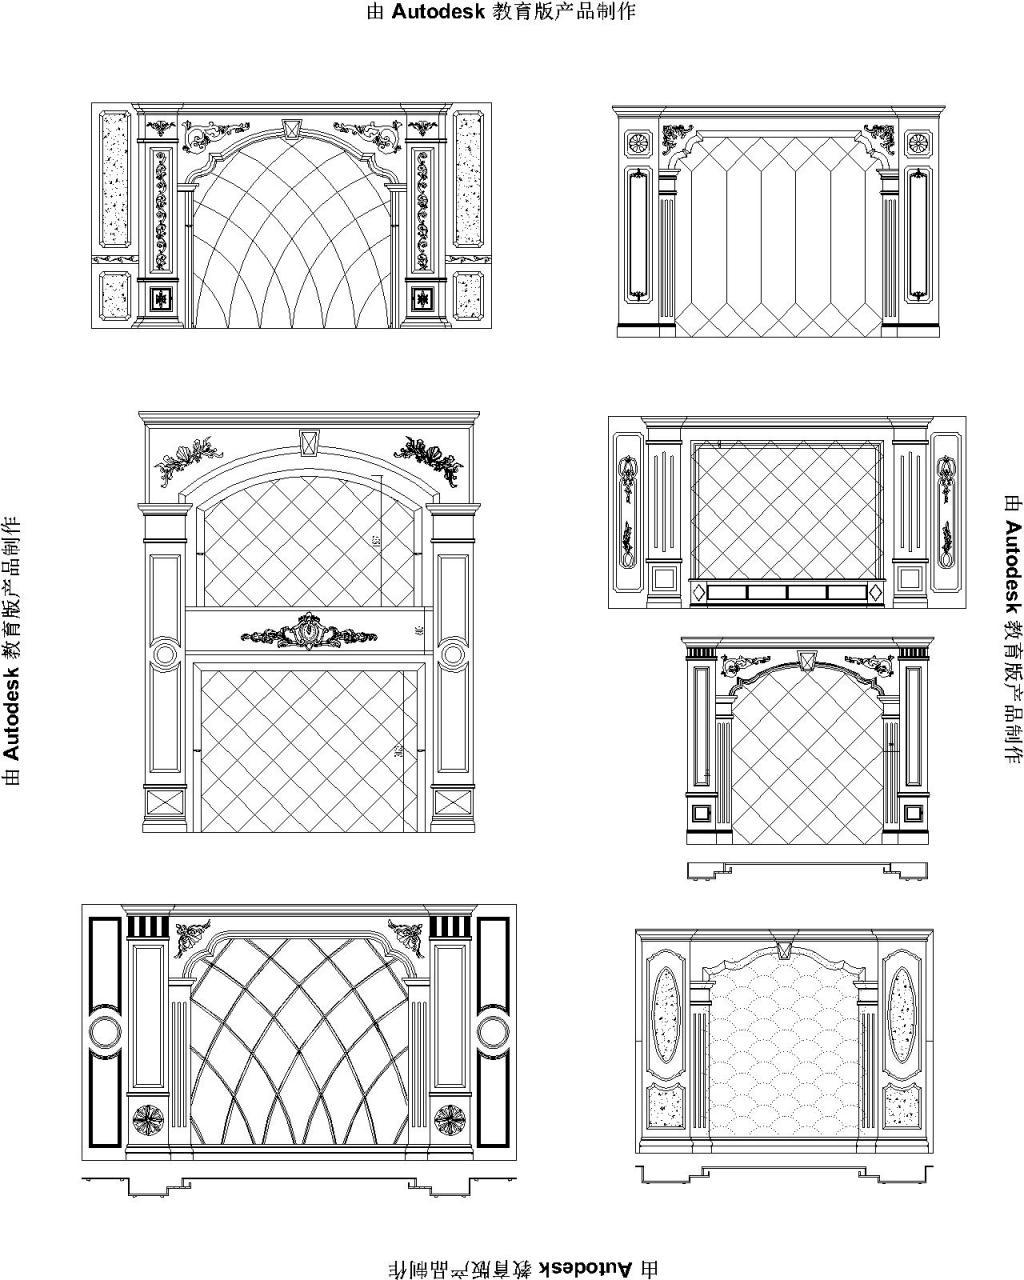 CAD 欧式石材背景墙 欧式背景墙 罗马柱背景墙 白色